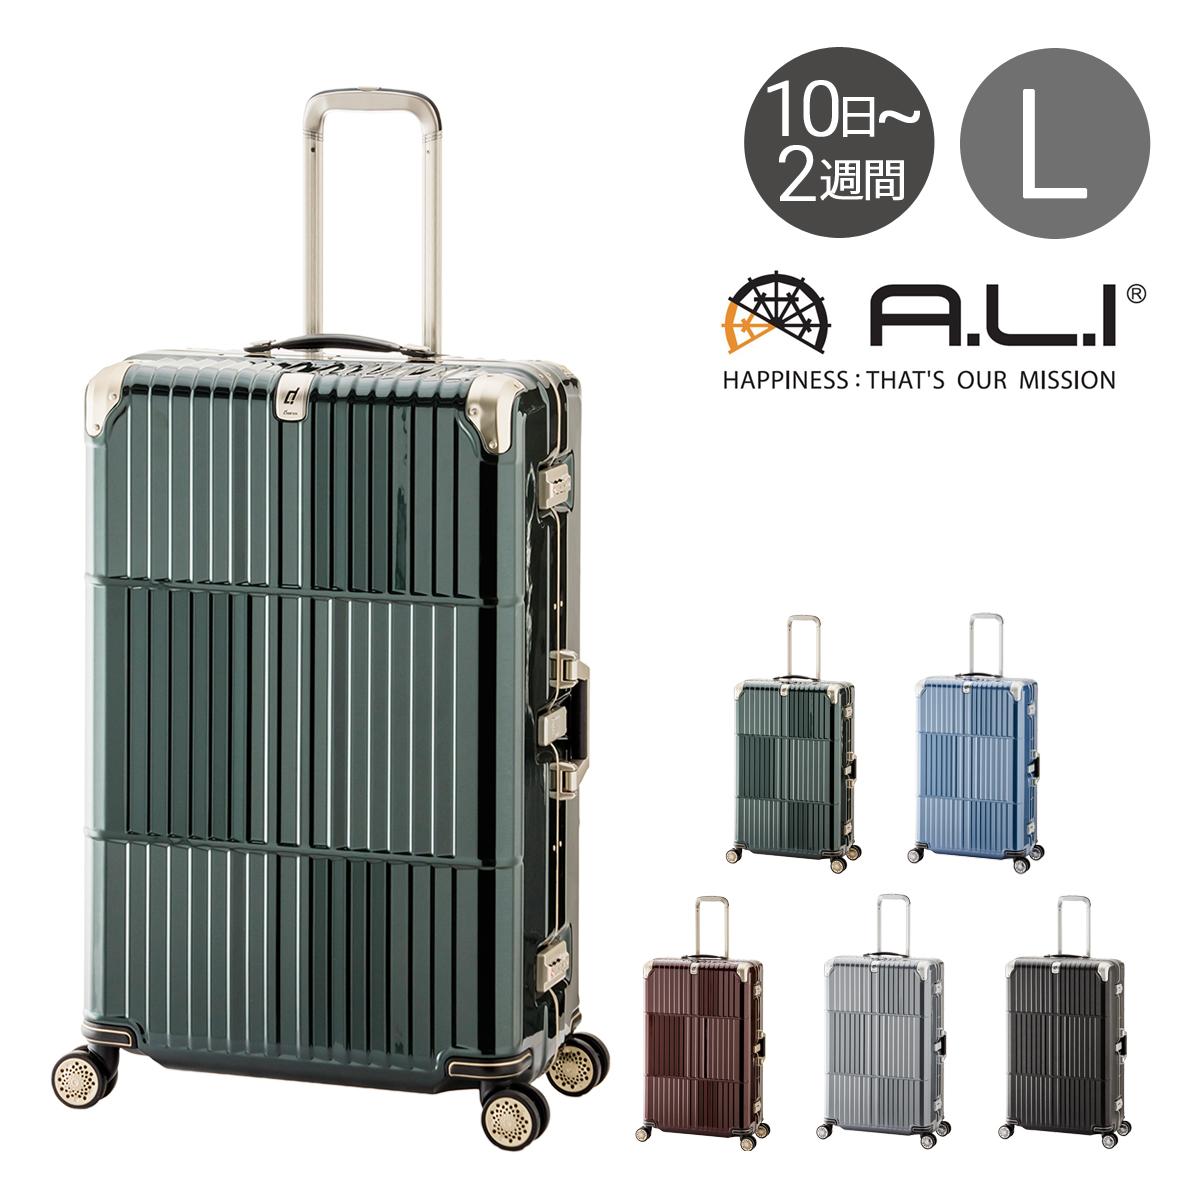 アジアラゲージ スーツケース|95L 73.5cm 5.8kg HD-509-30.5 ハード フレーム A.L.I departure ディパーチャー|TSAロック搭載 キャリーケース ハードキャリー[PO10][bef]